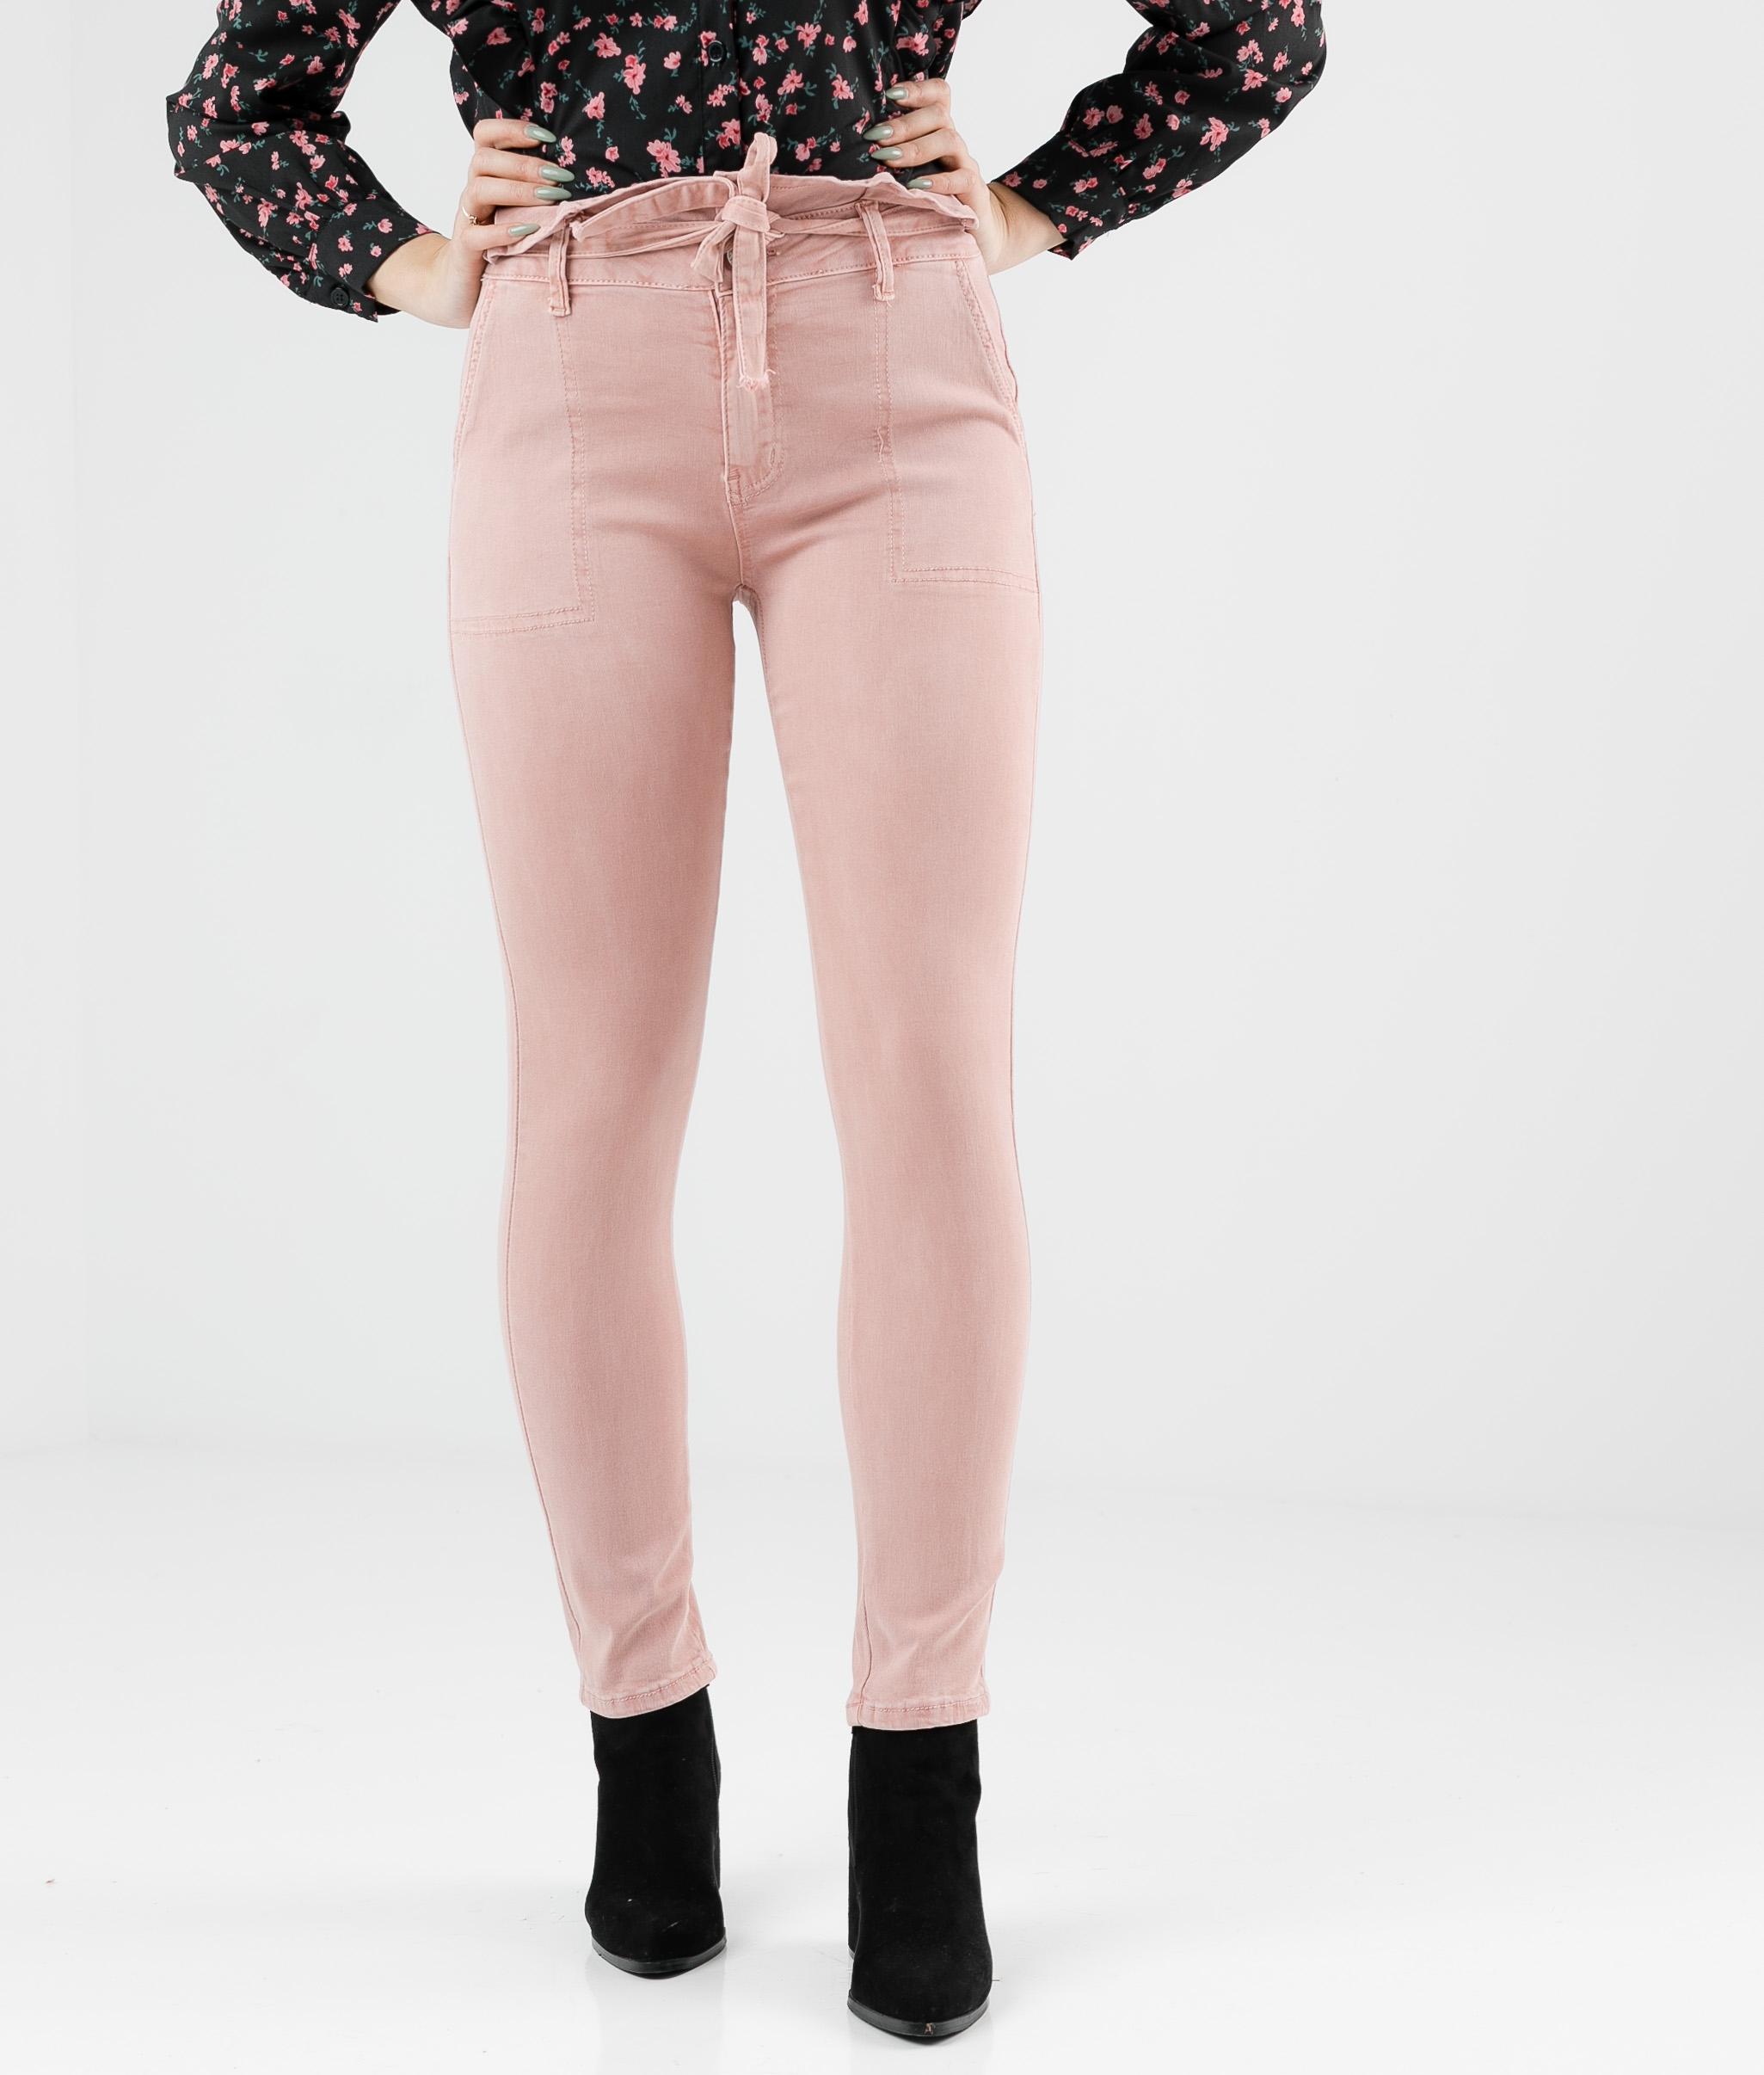 Pantalón Callut - Pink